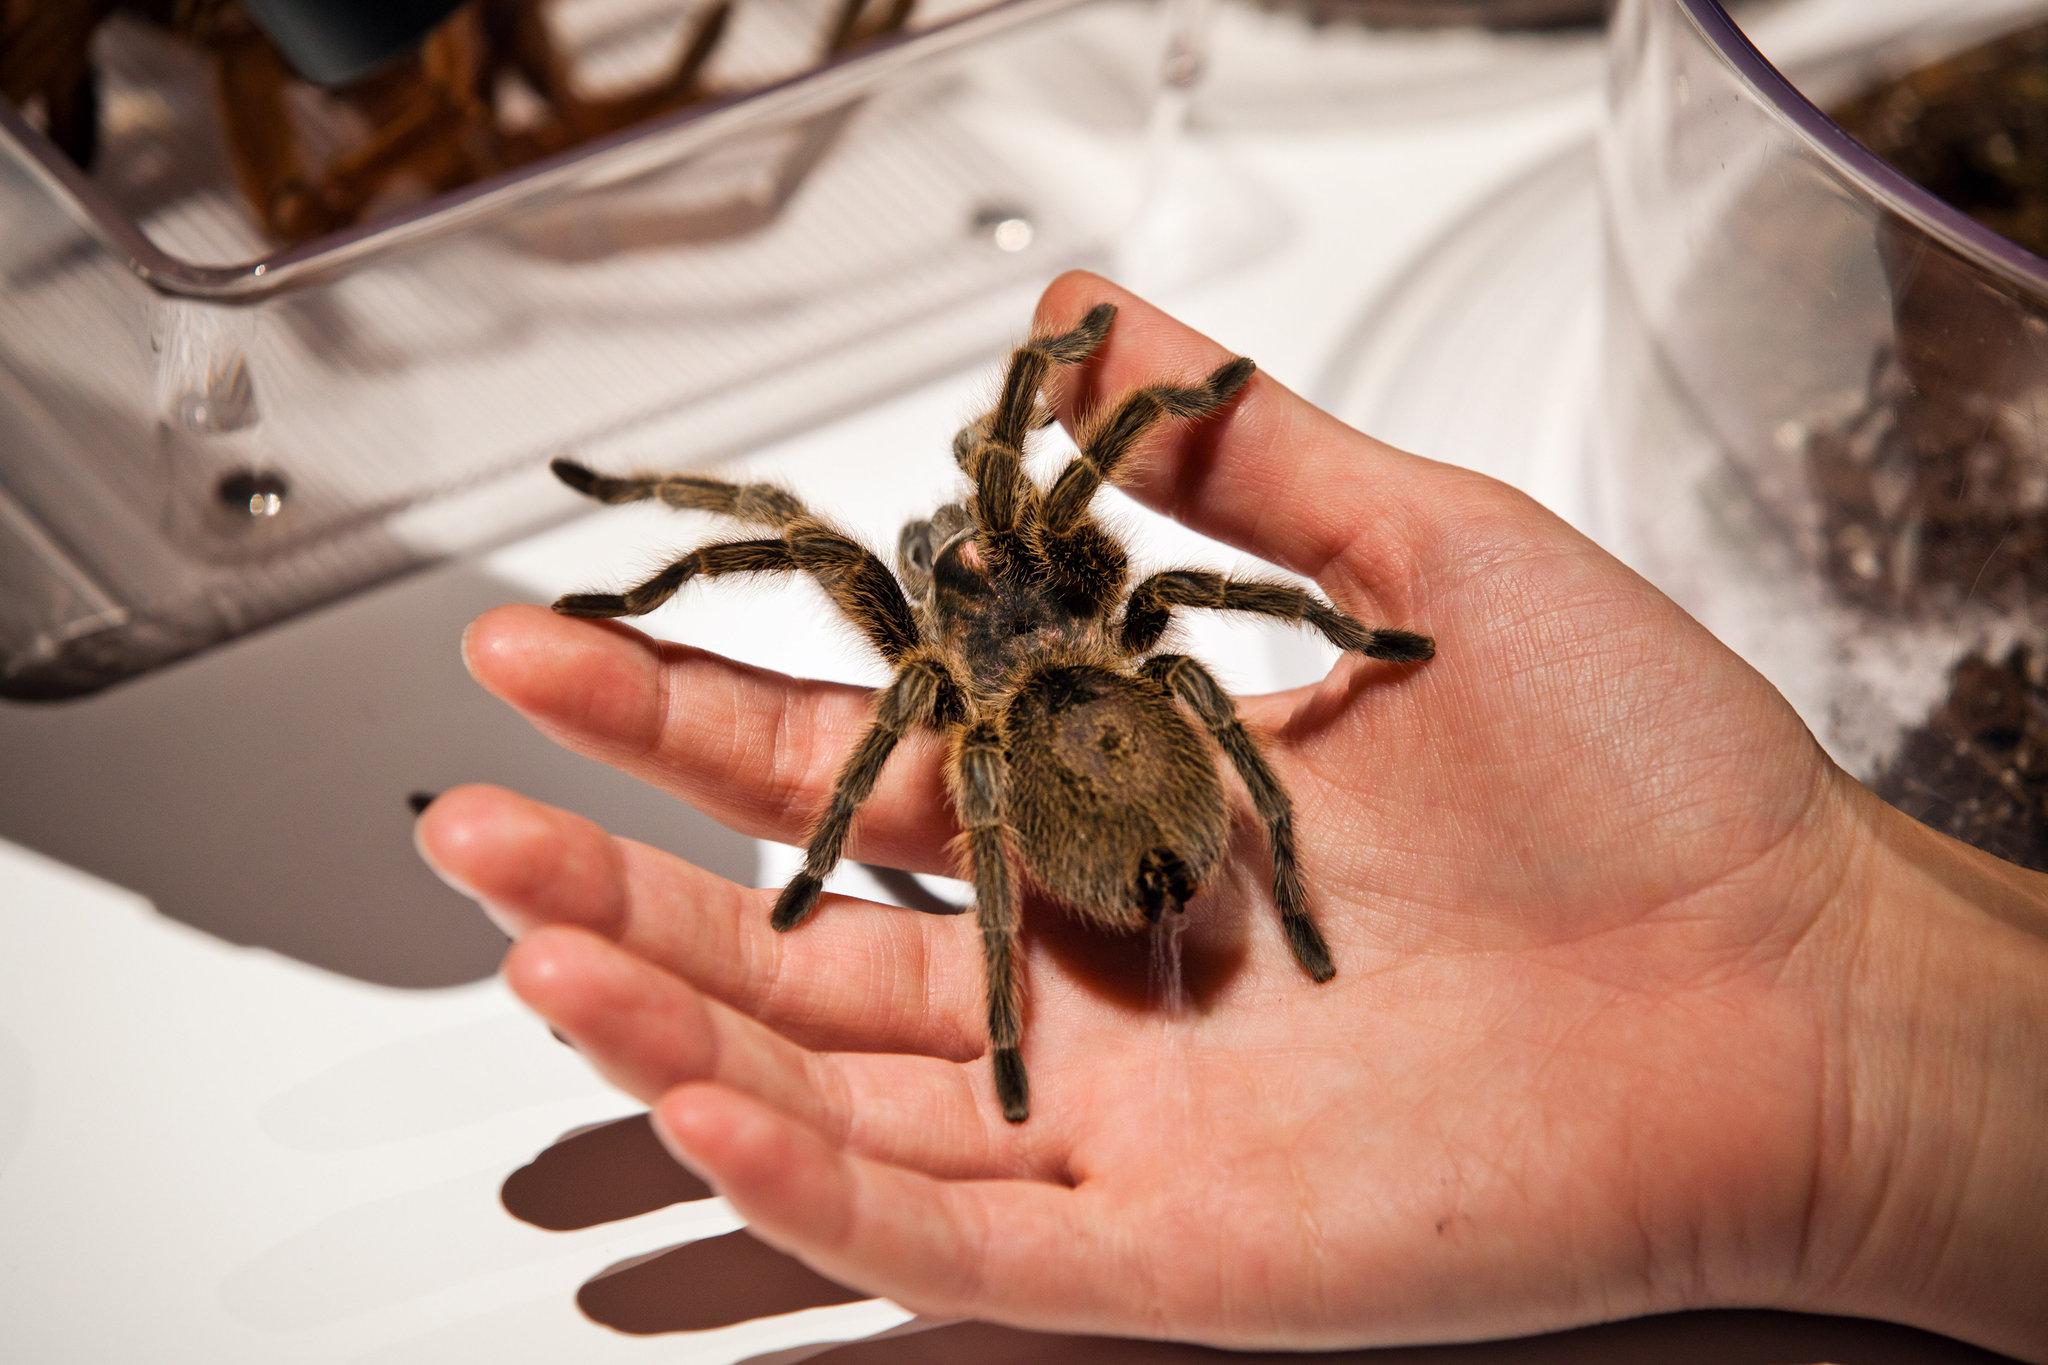 venom spiders america south hairy